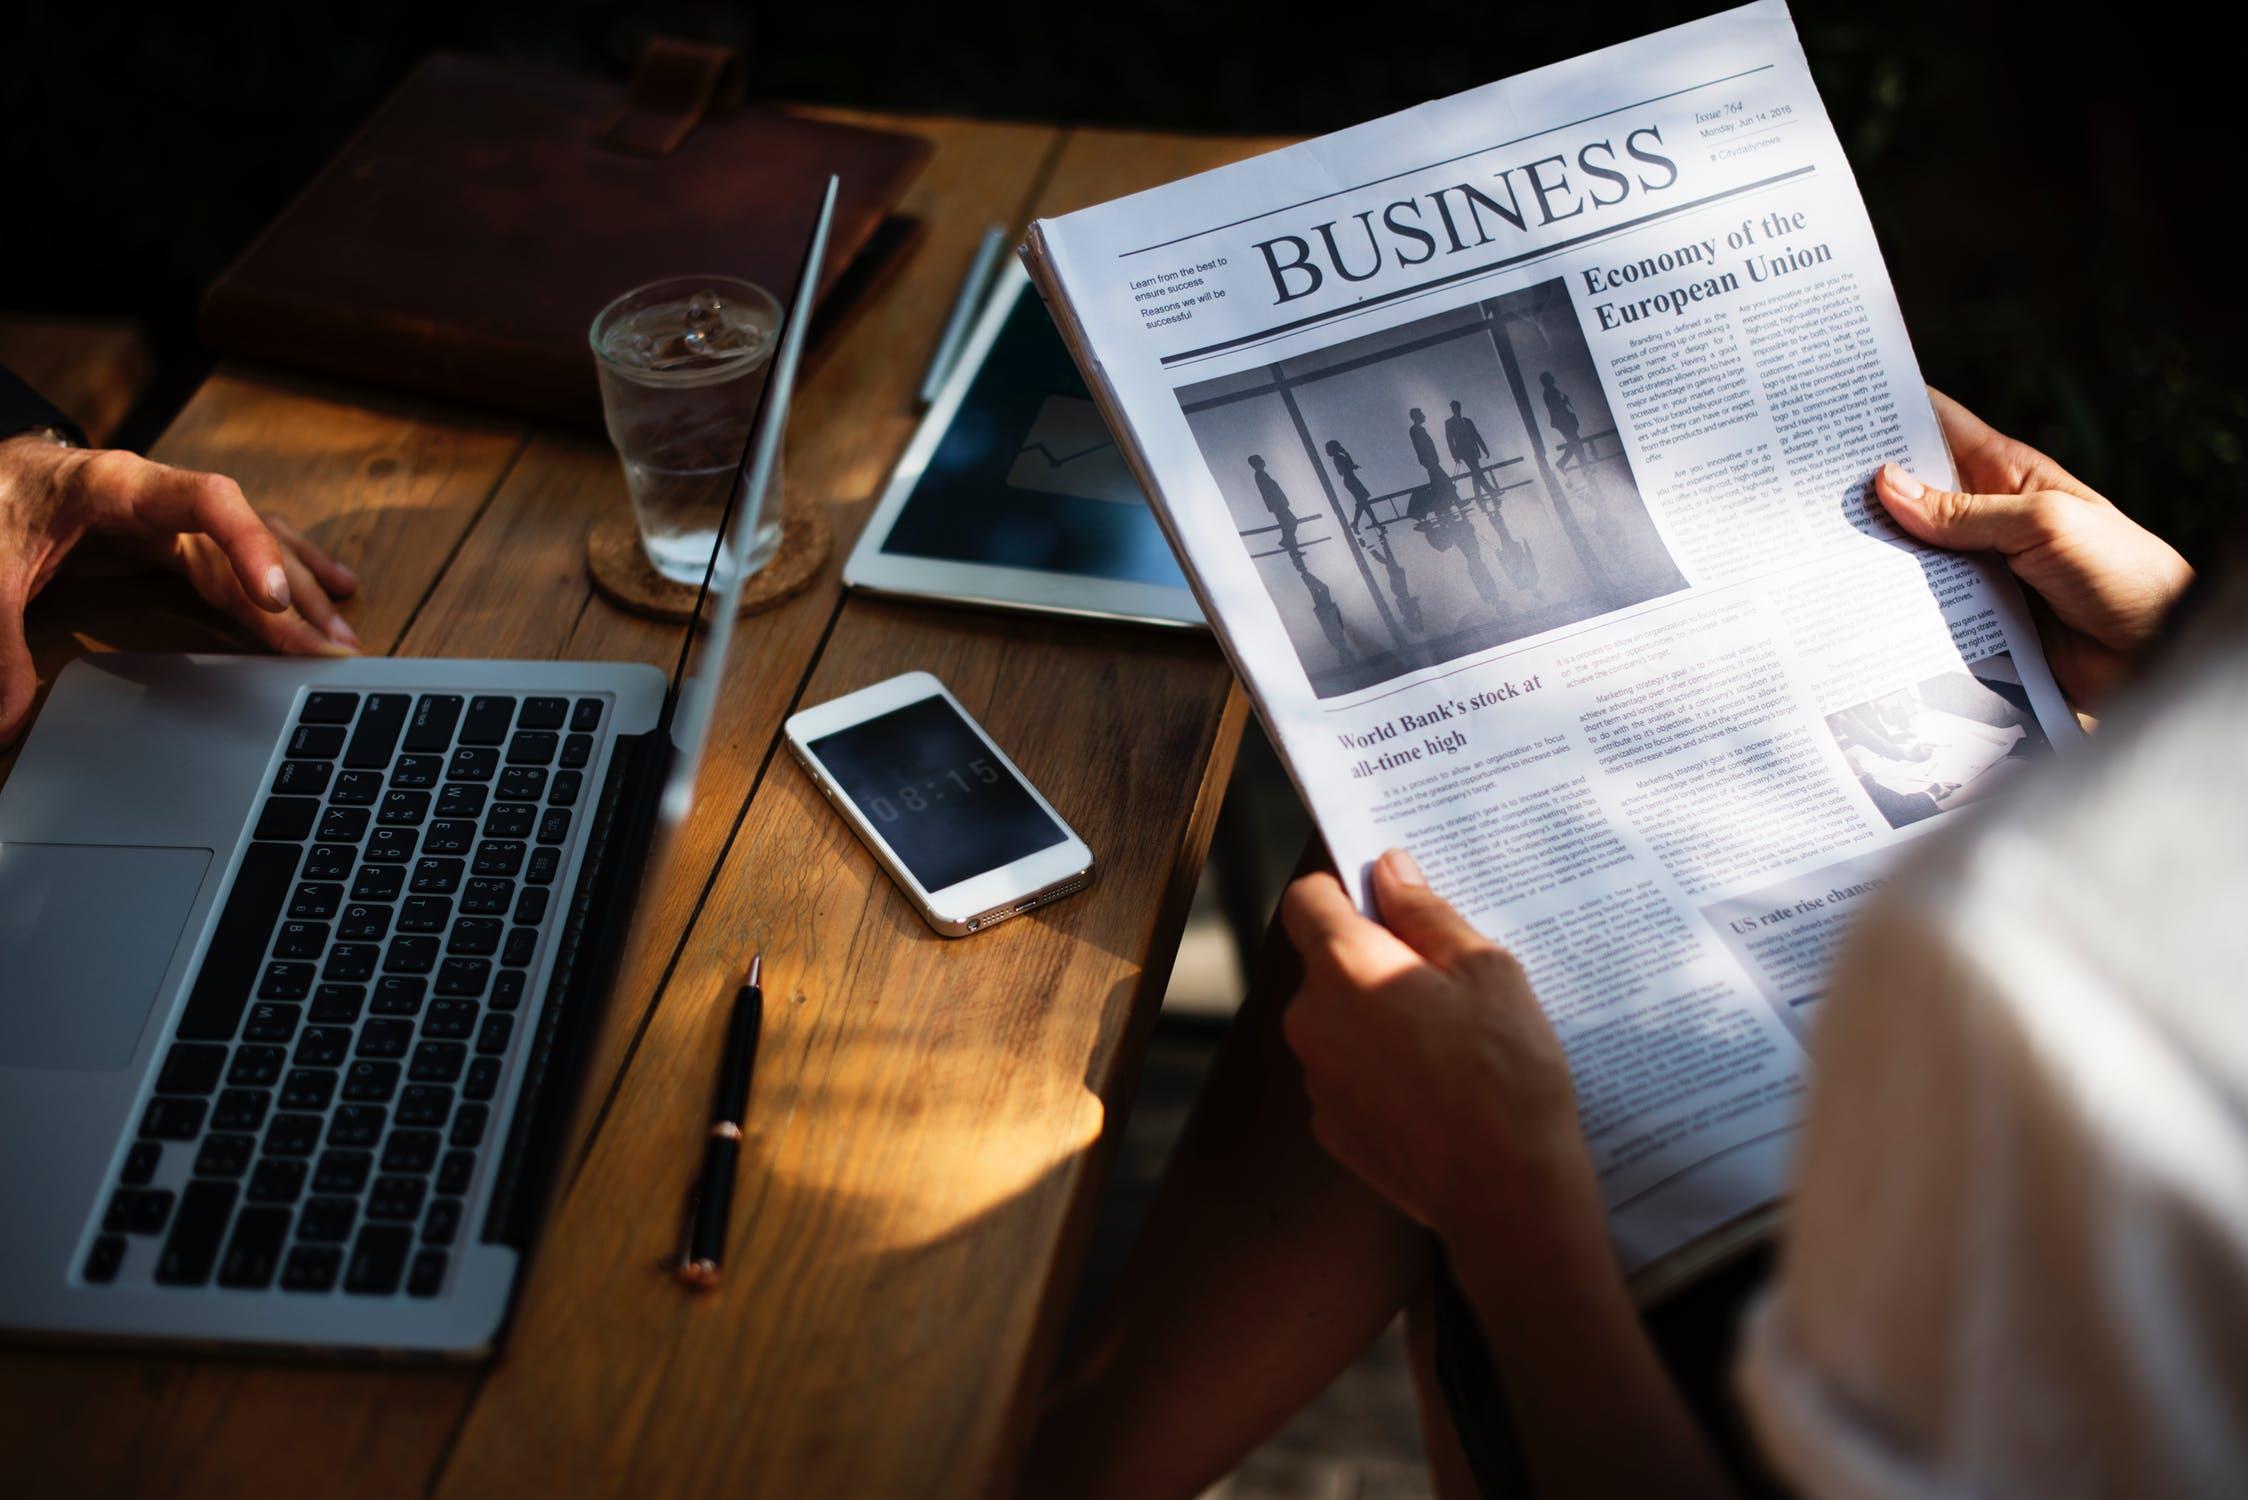 Pentingnya Konsumsi Berita Bisnis untuk Perkembangan di Masa Depan